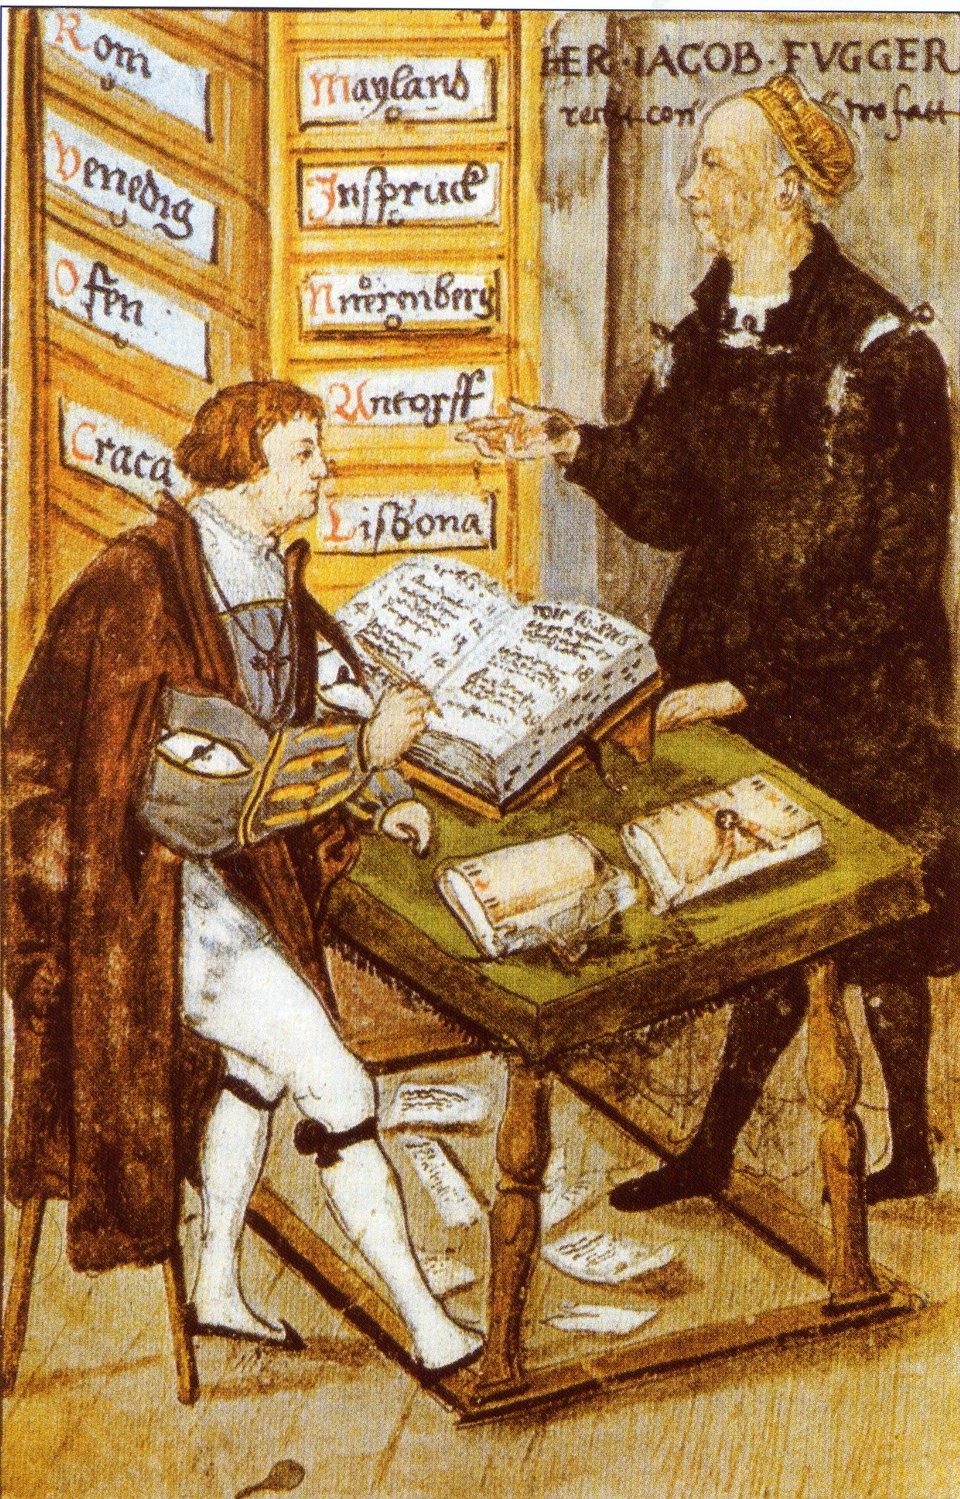 Fuggerowie: Hans Fugger Bogaty wswoim kantorze wAugsburgu Fuggerowie: Hans Fugger Bogaty wswoim kantorze wAugsburgu Źródło: 1517, domena publiczna.